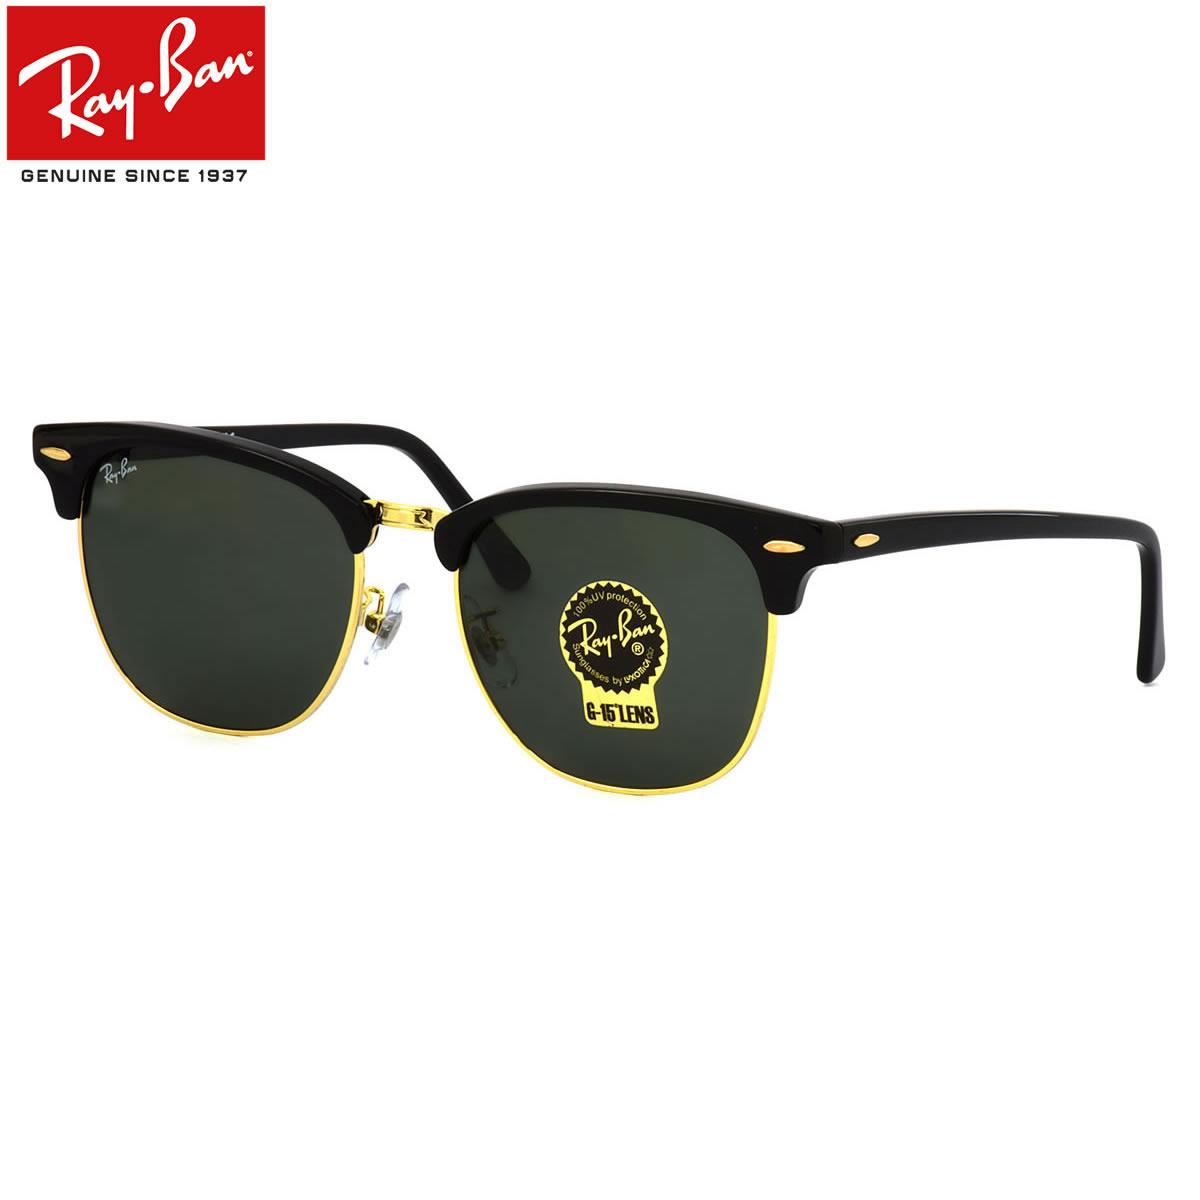 レイバン サングラス クラブマスター Ray-Ban RB3016F W0365 55サイズ レイバン RAYBAN CLUBMASTER サーモント ブロー フルフィット ICONS アイコン メンズ レディース